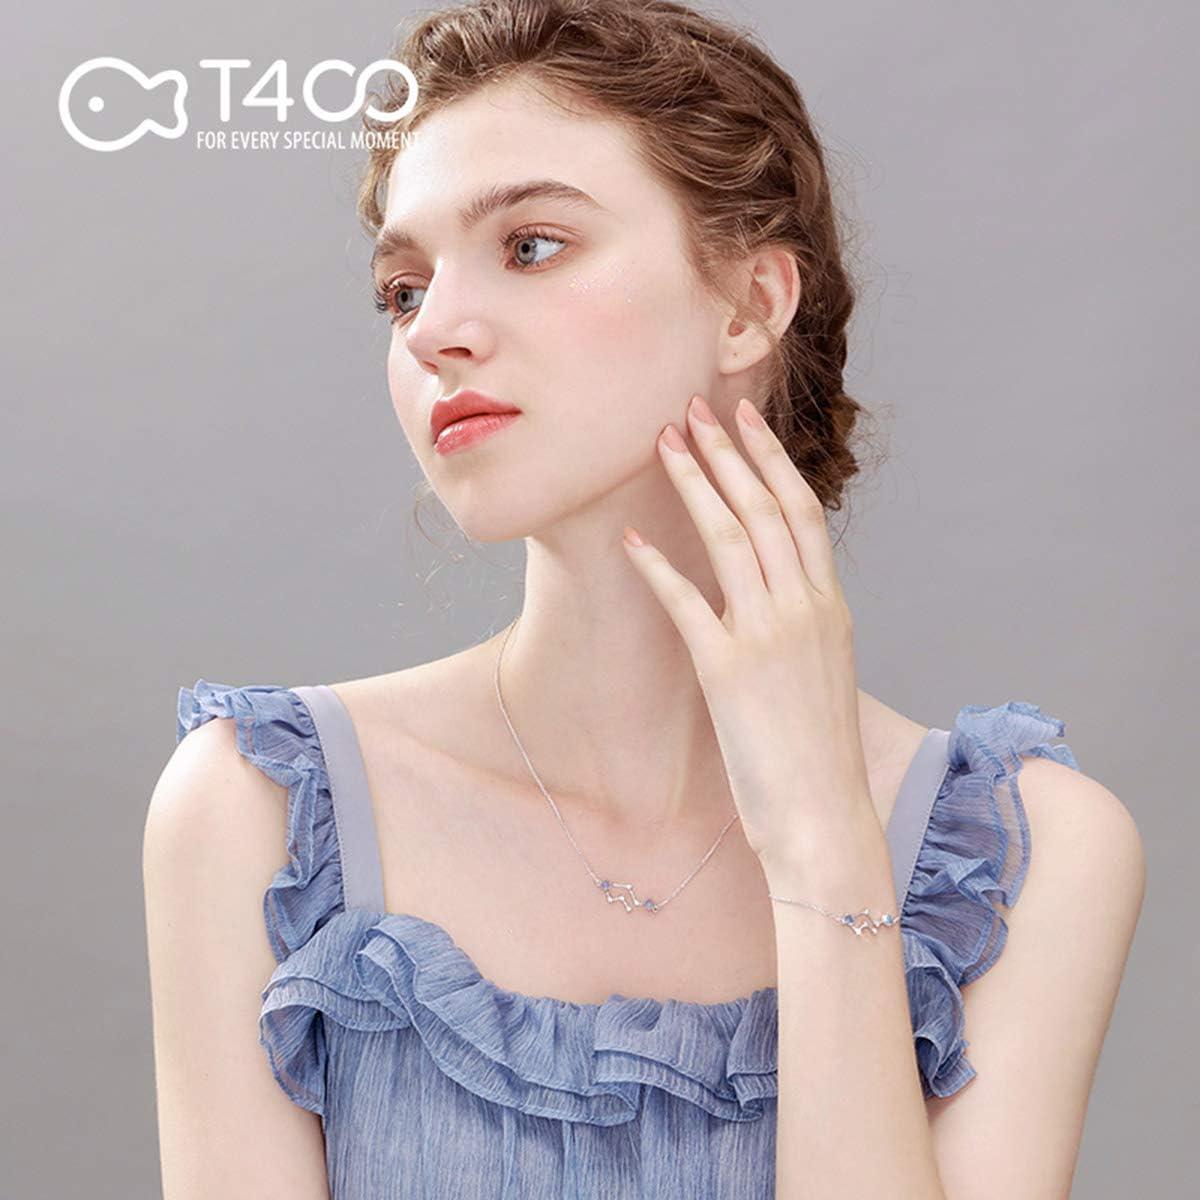 T400 925 Sterling Silver Horoscope Zodiac Sign 12 Constellation Moonstone Link Bracelet Birthday Gift for Women Girls